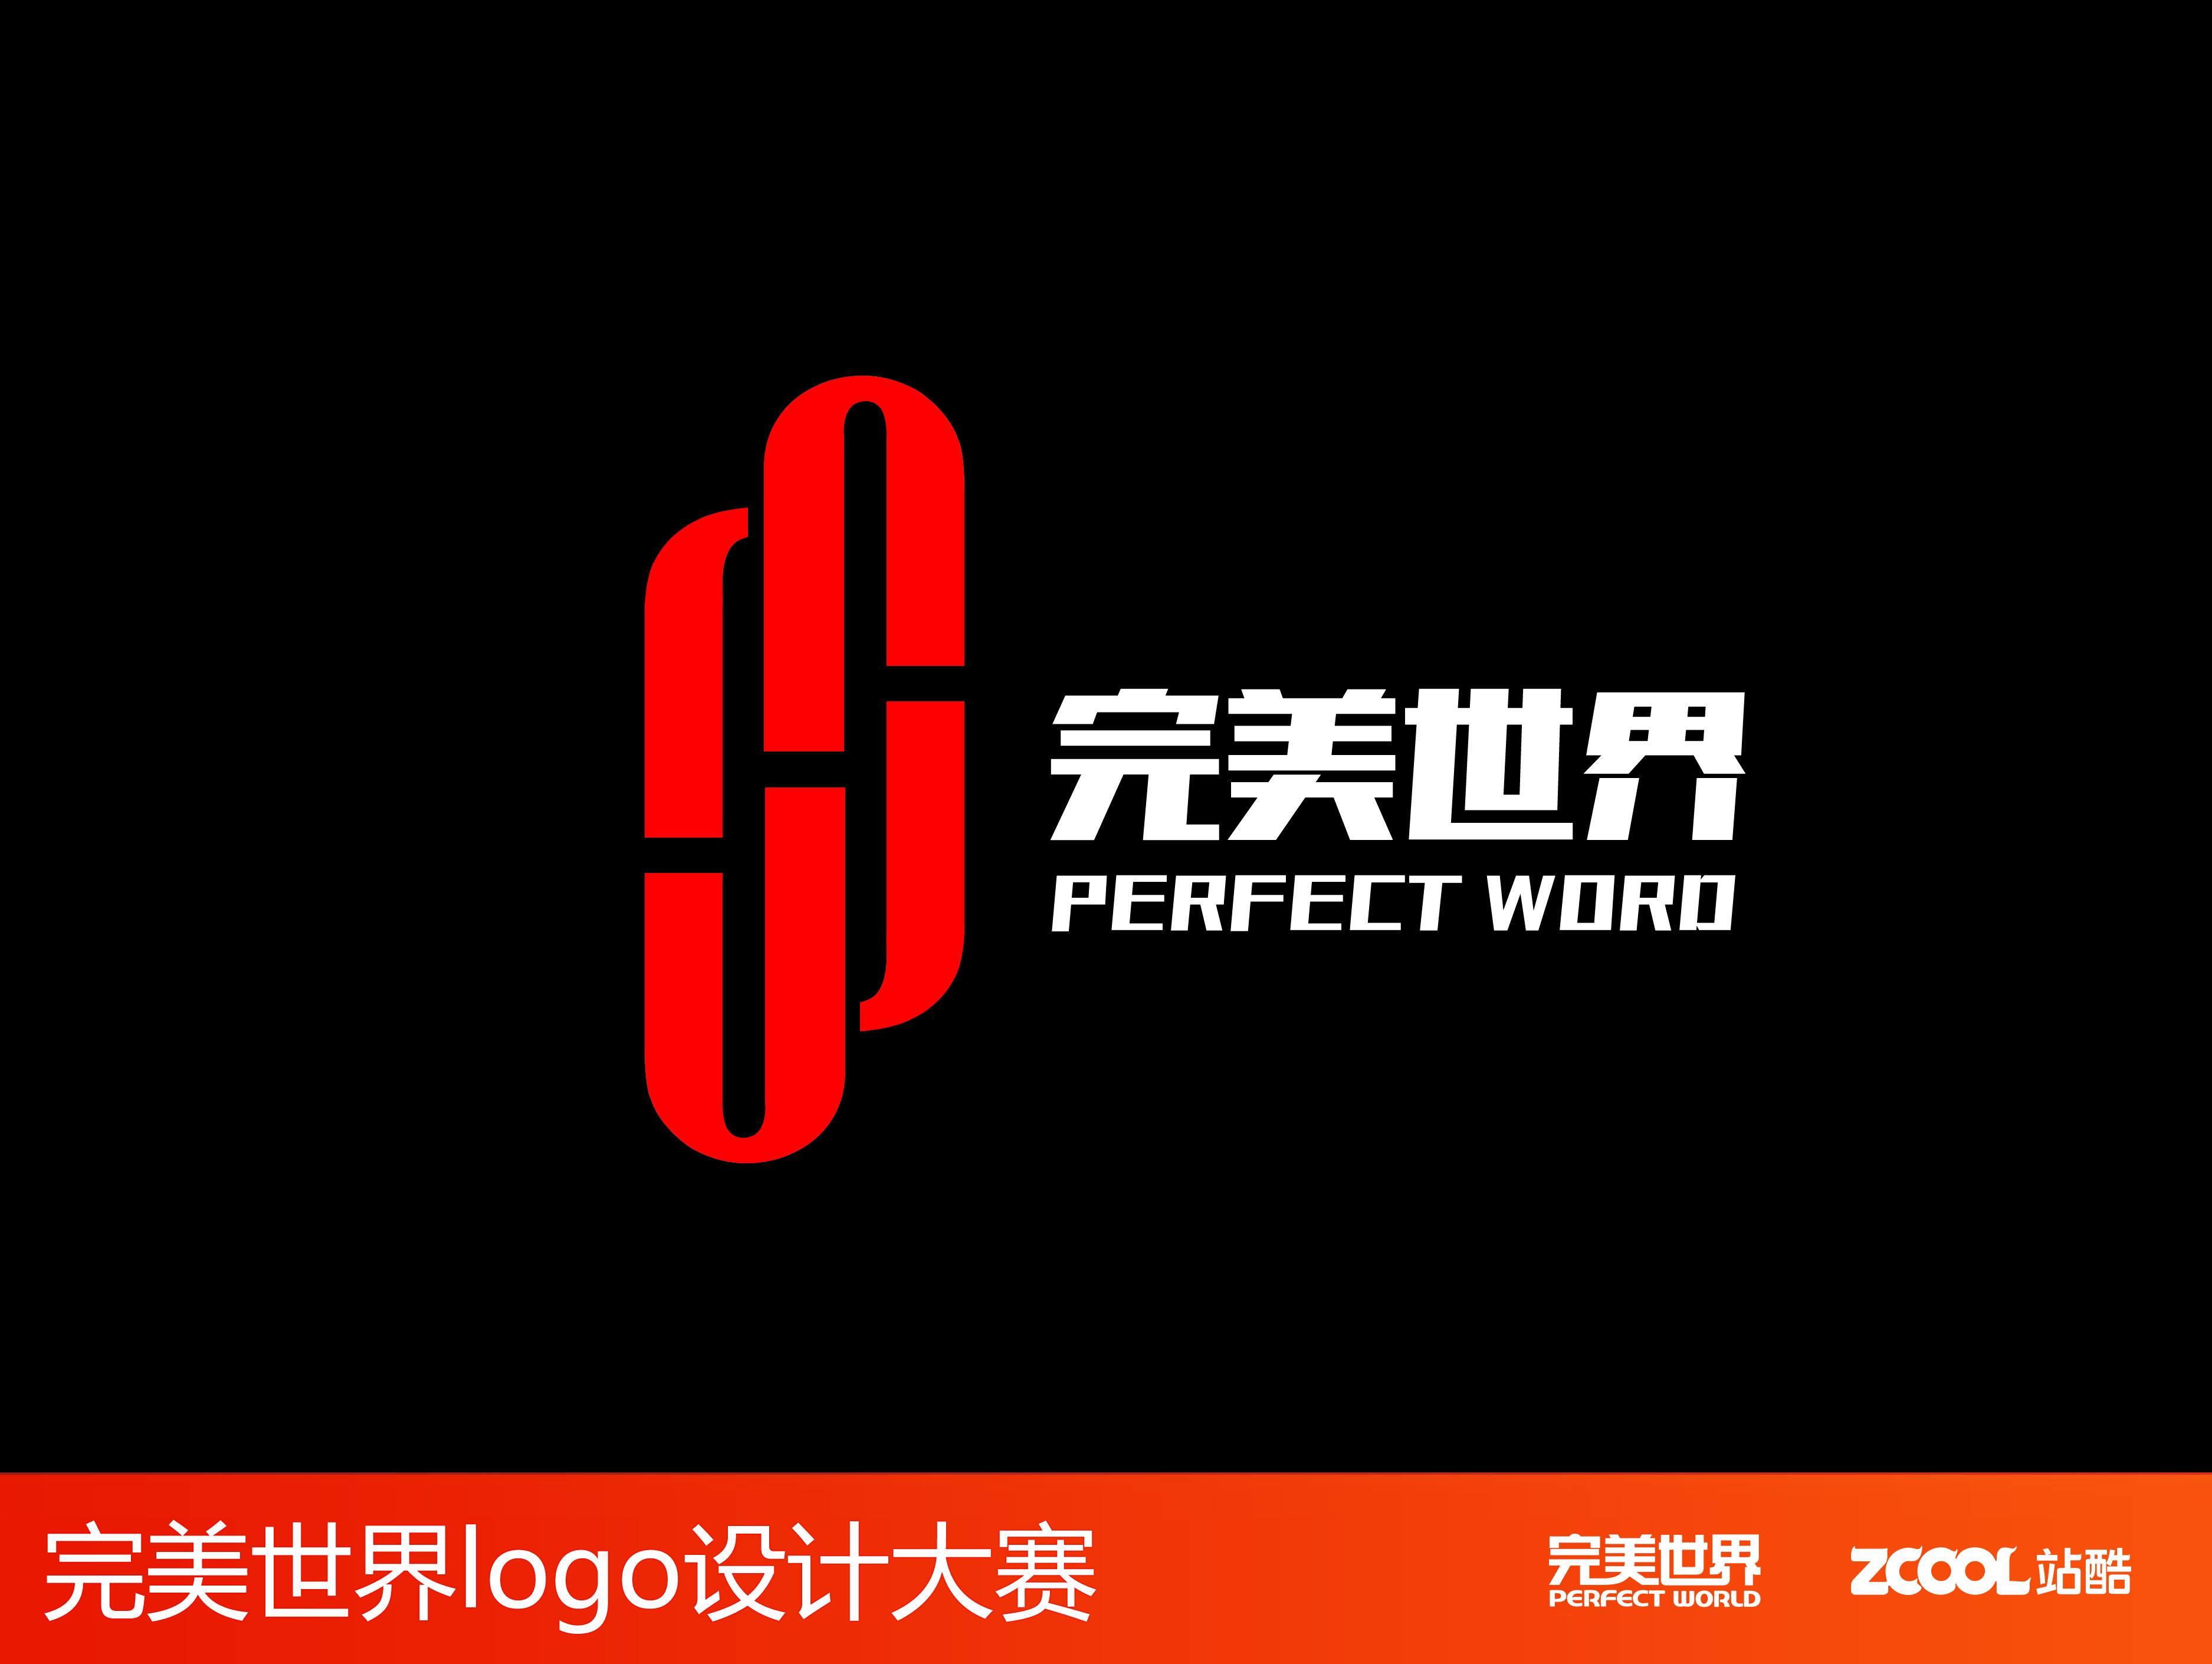 ??S?~???j?? ?_logo以字母w,m,s,j,和p,w为设计元素,融入\